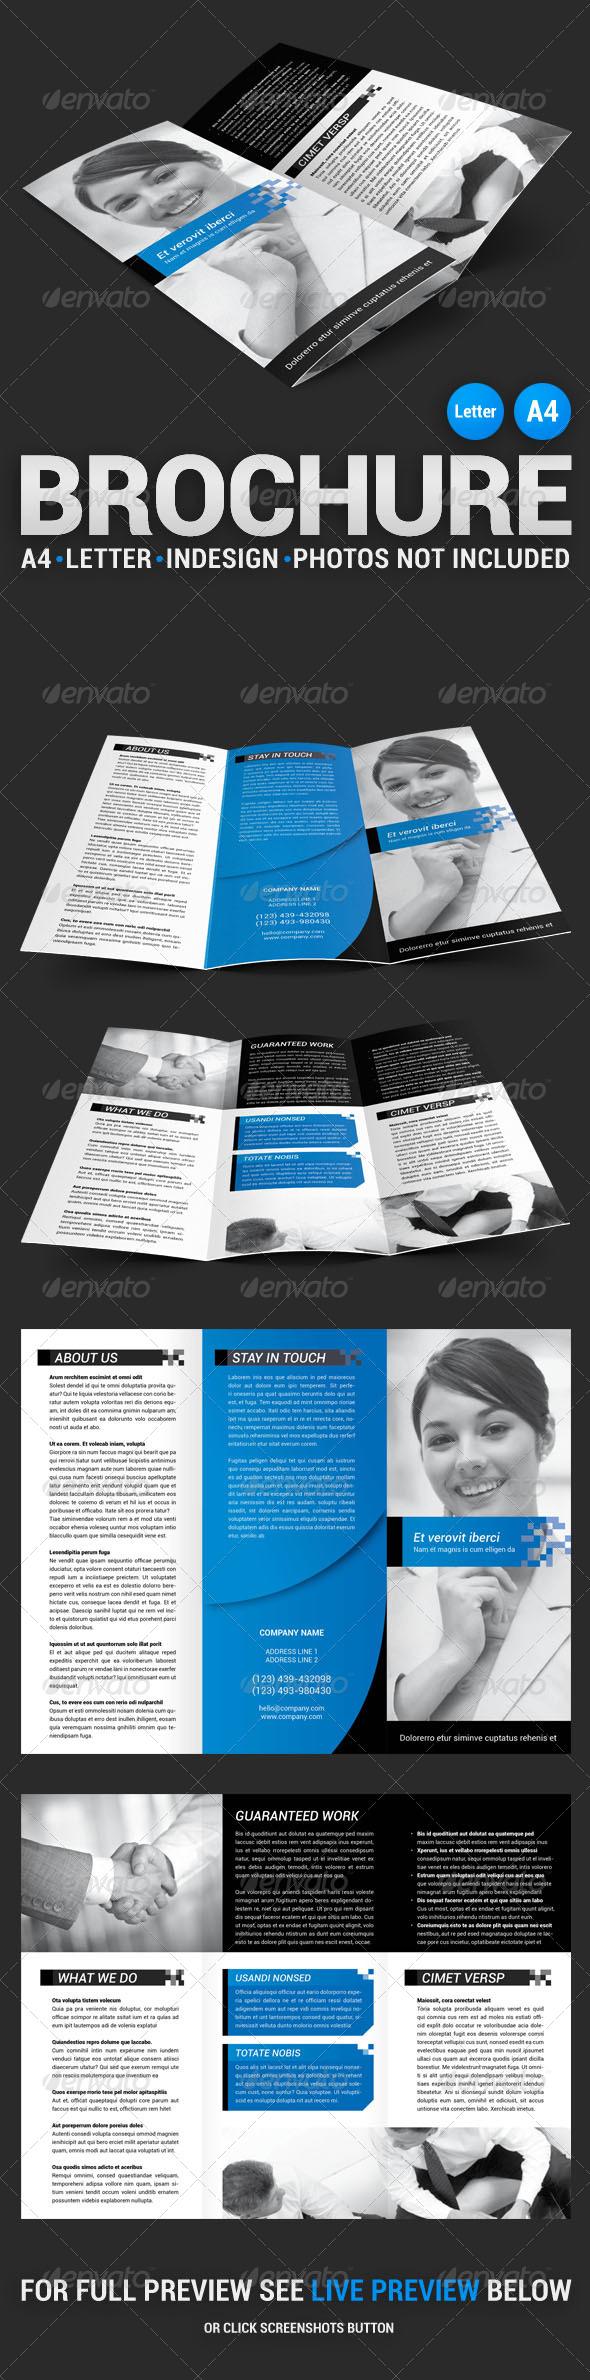 Corporate Tri-fold Brochure   Folletos, Diseño editorial y Editorial